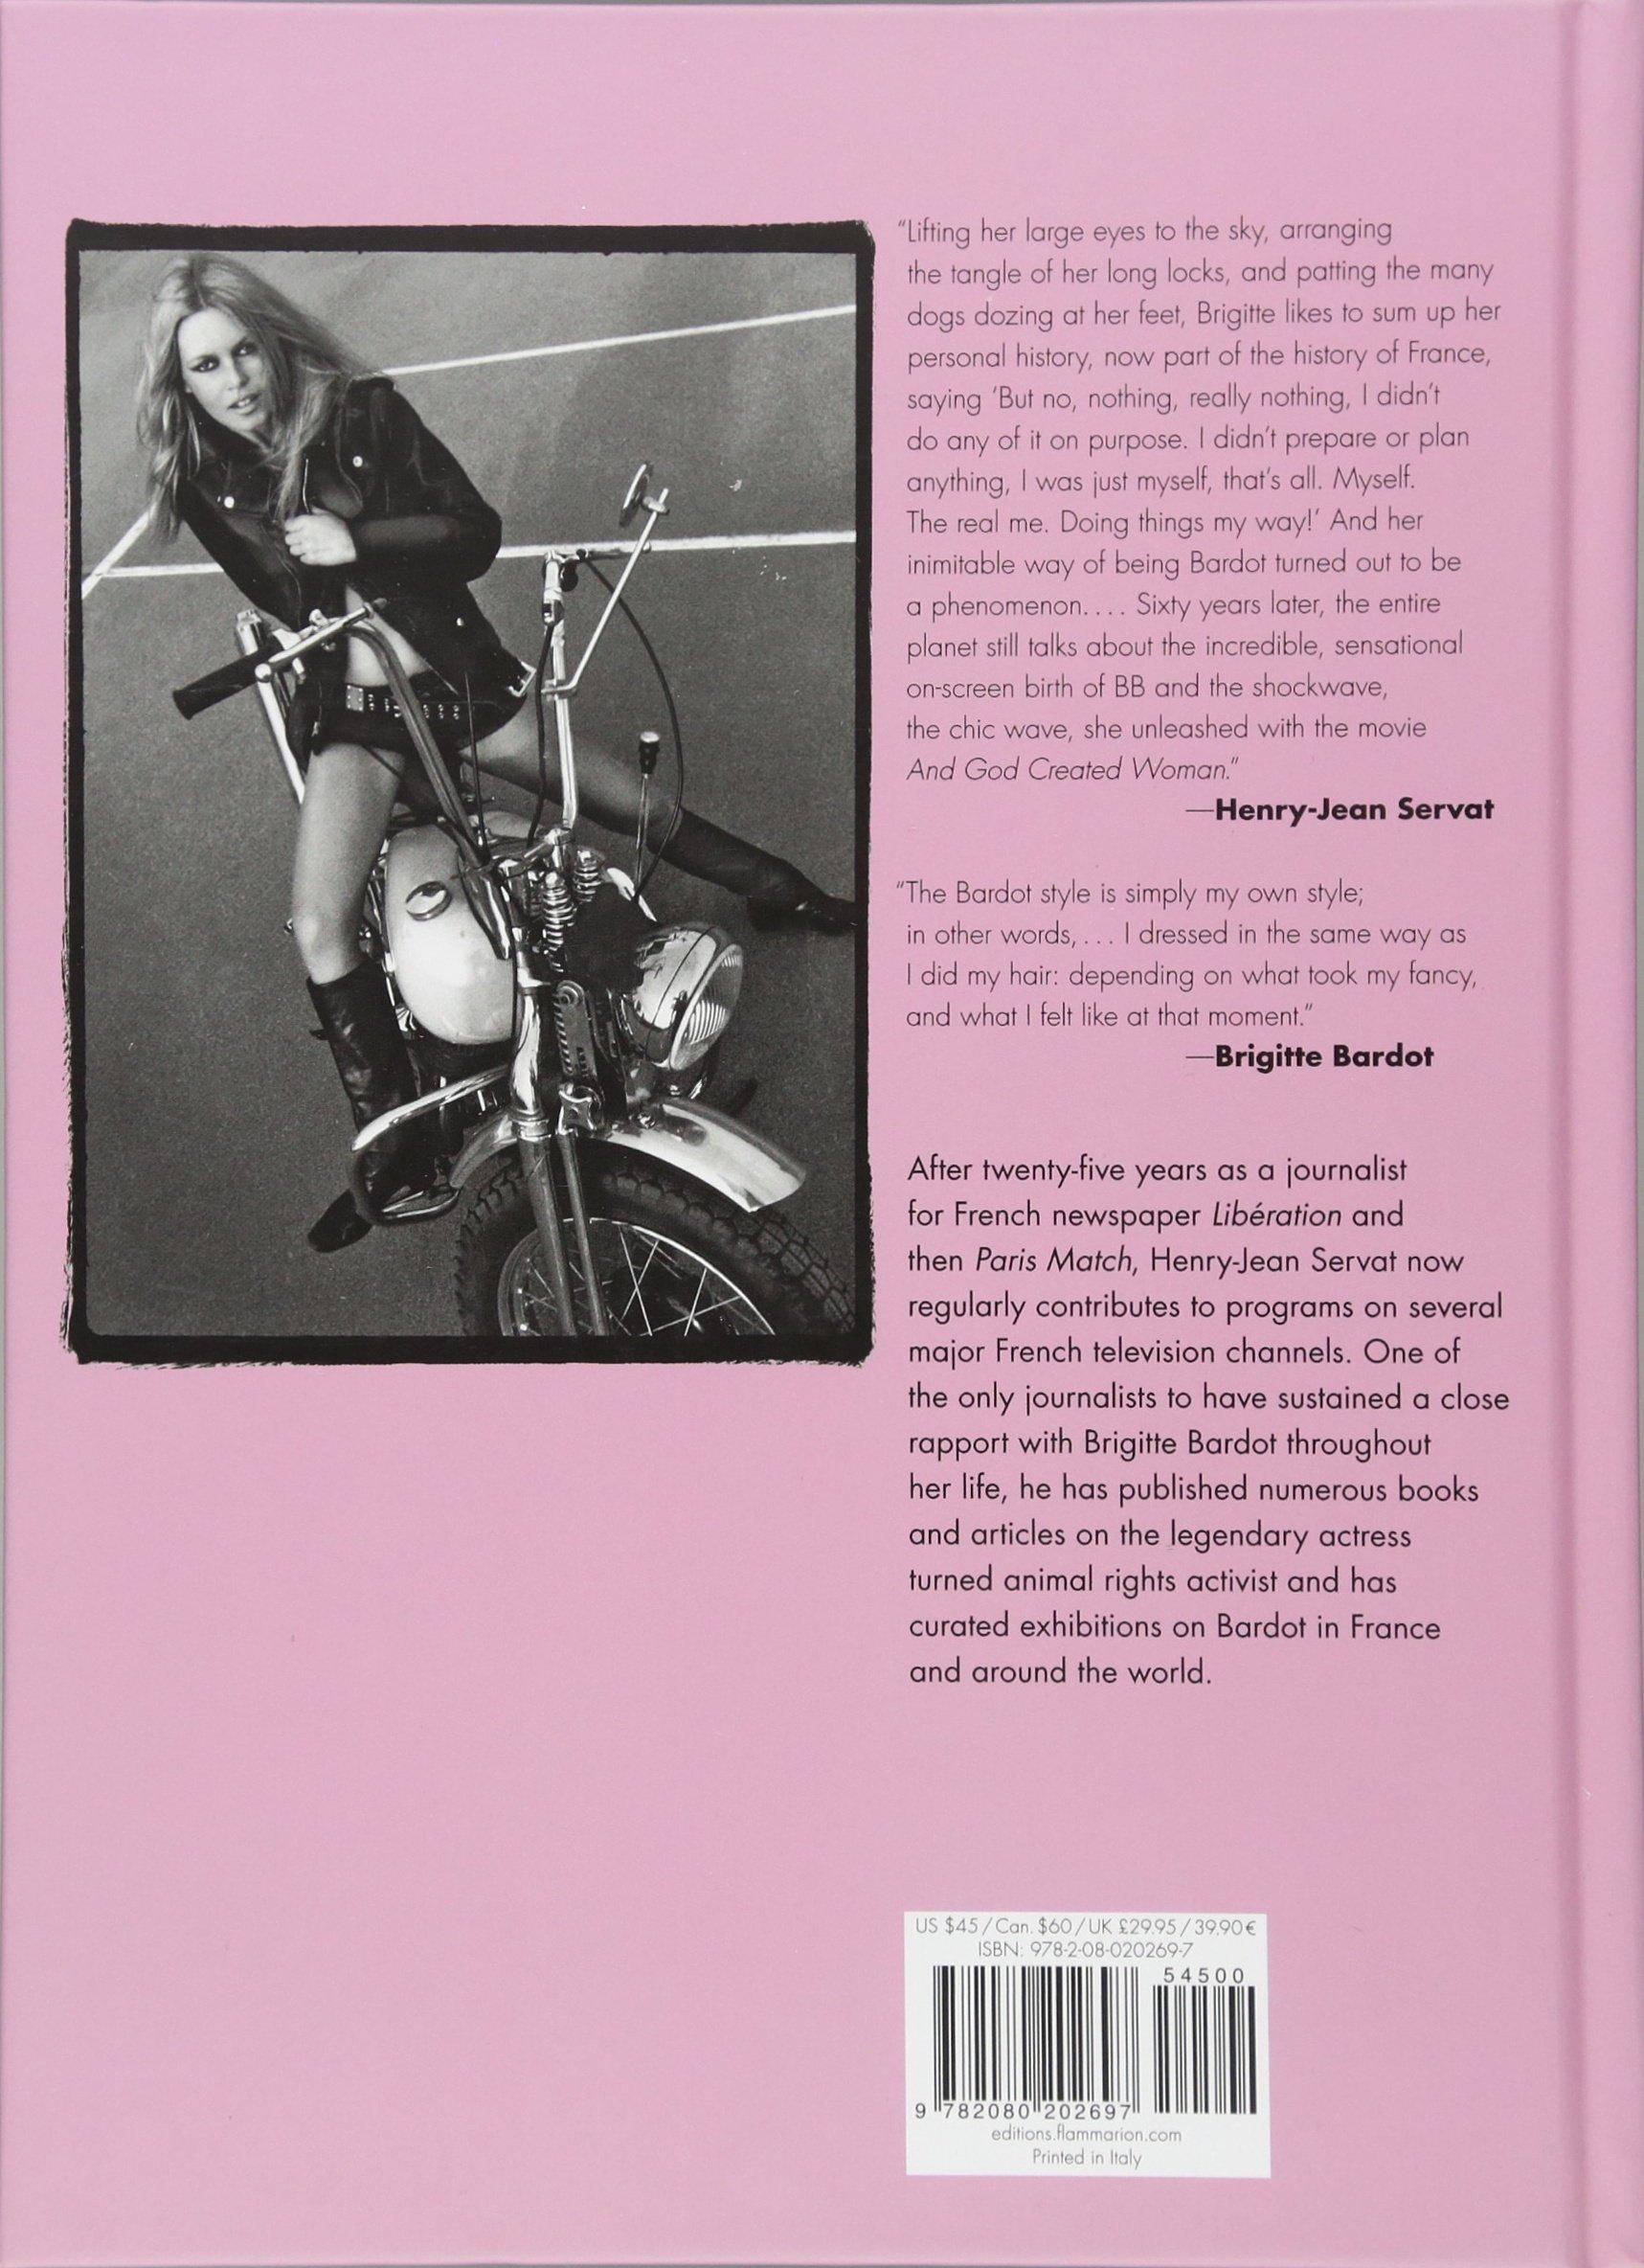 Brigitte Bardot: My Life in Fashion: Amazon.es: Henry-Jean Servat, Brigitte Bardot: Libros en idiomas extranjeros